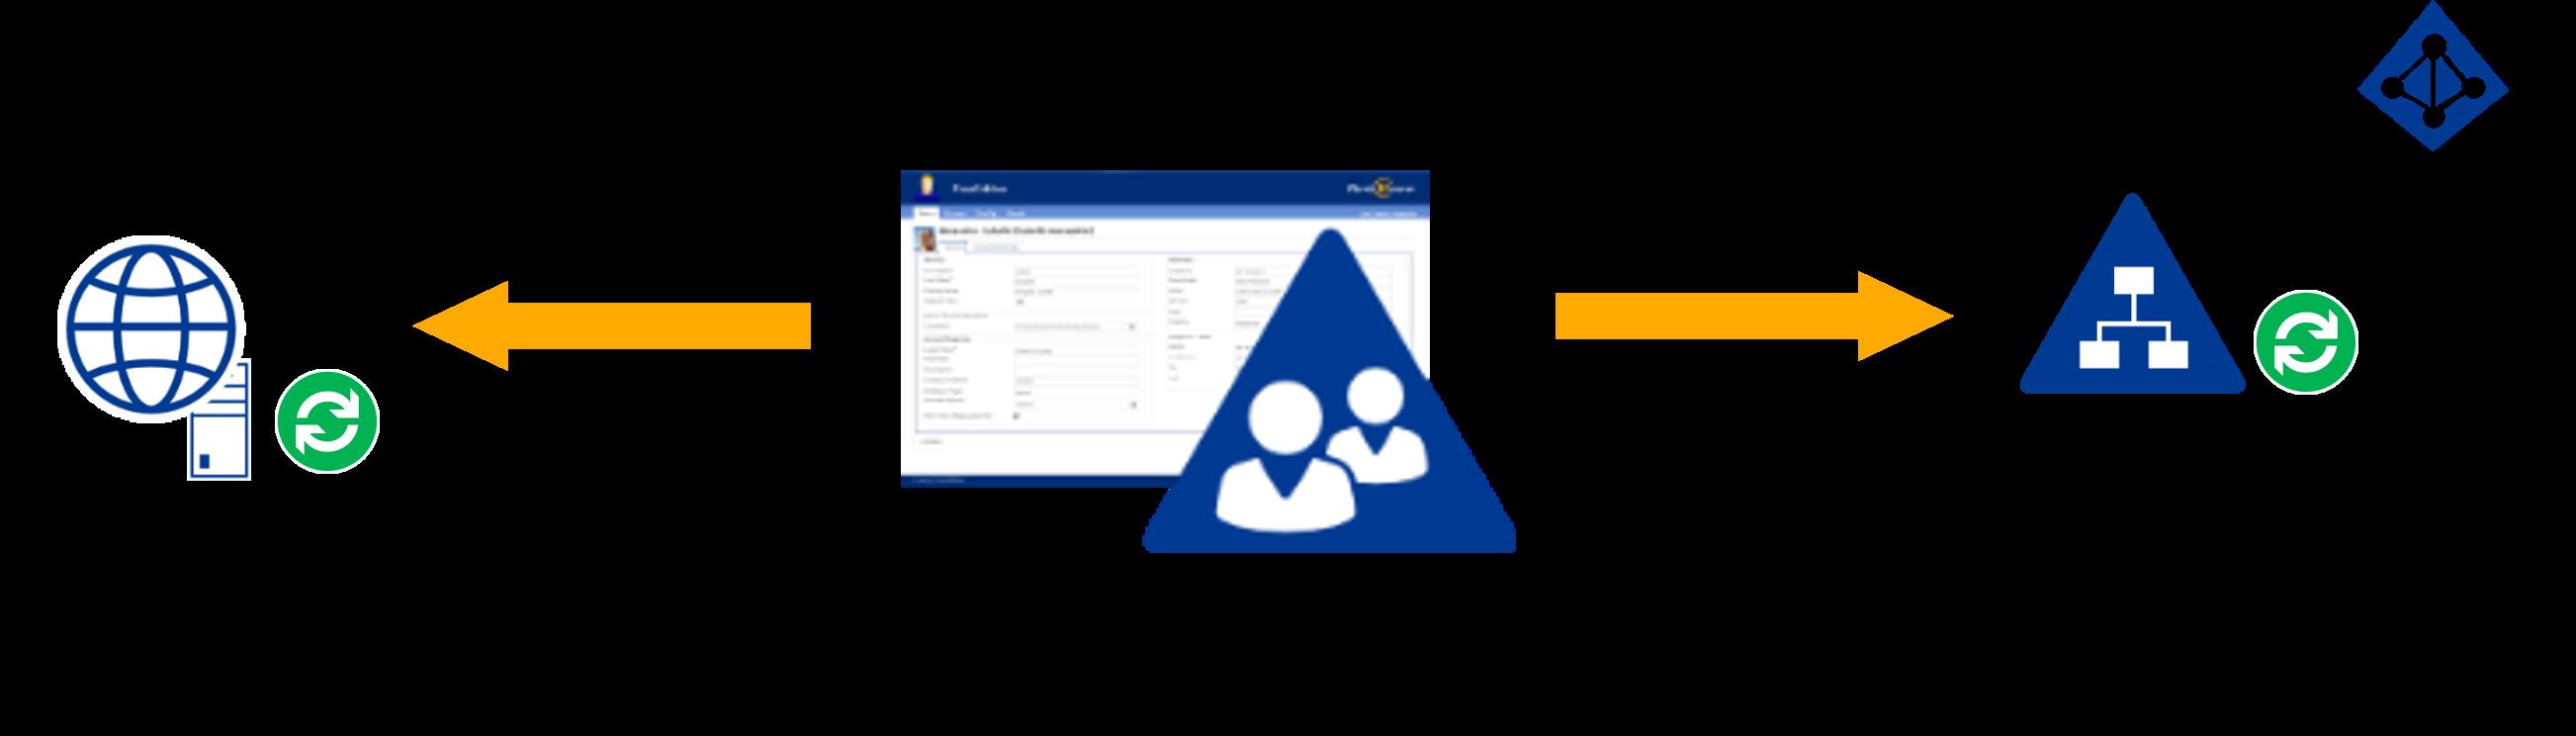 IDM-Portal und HR-Systeme